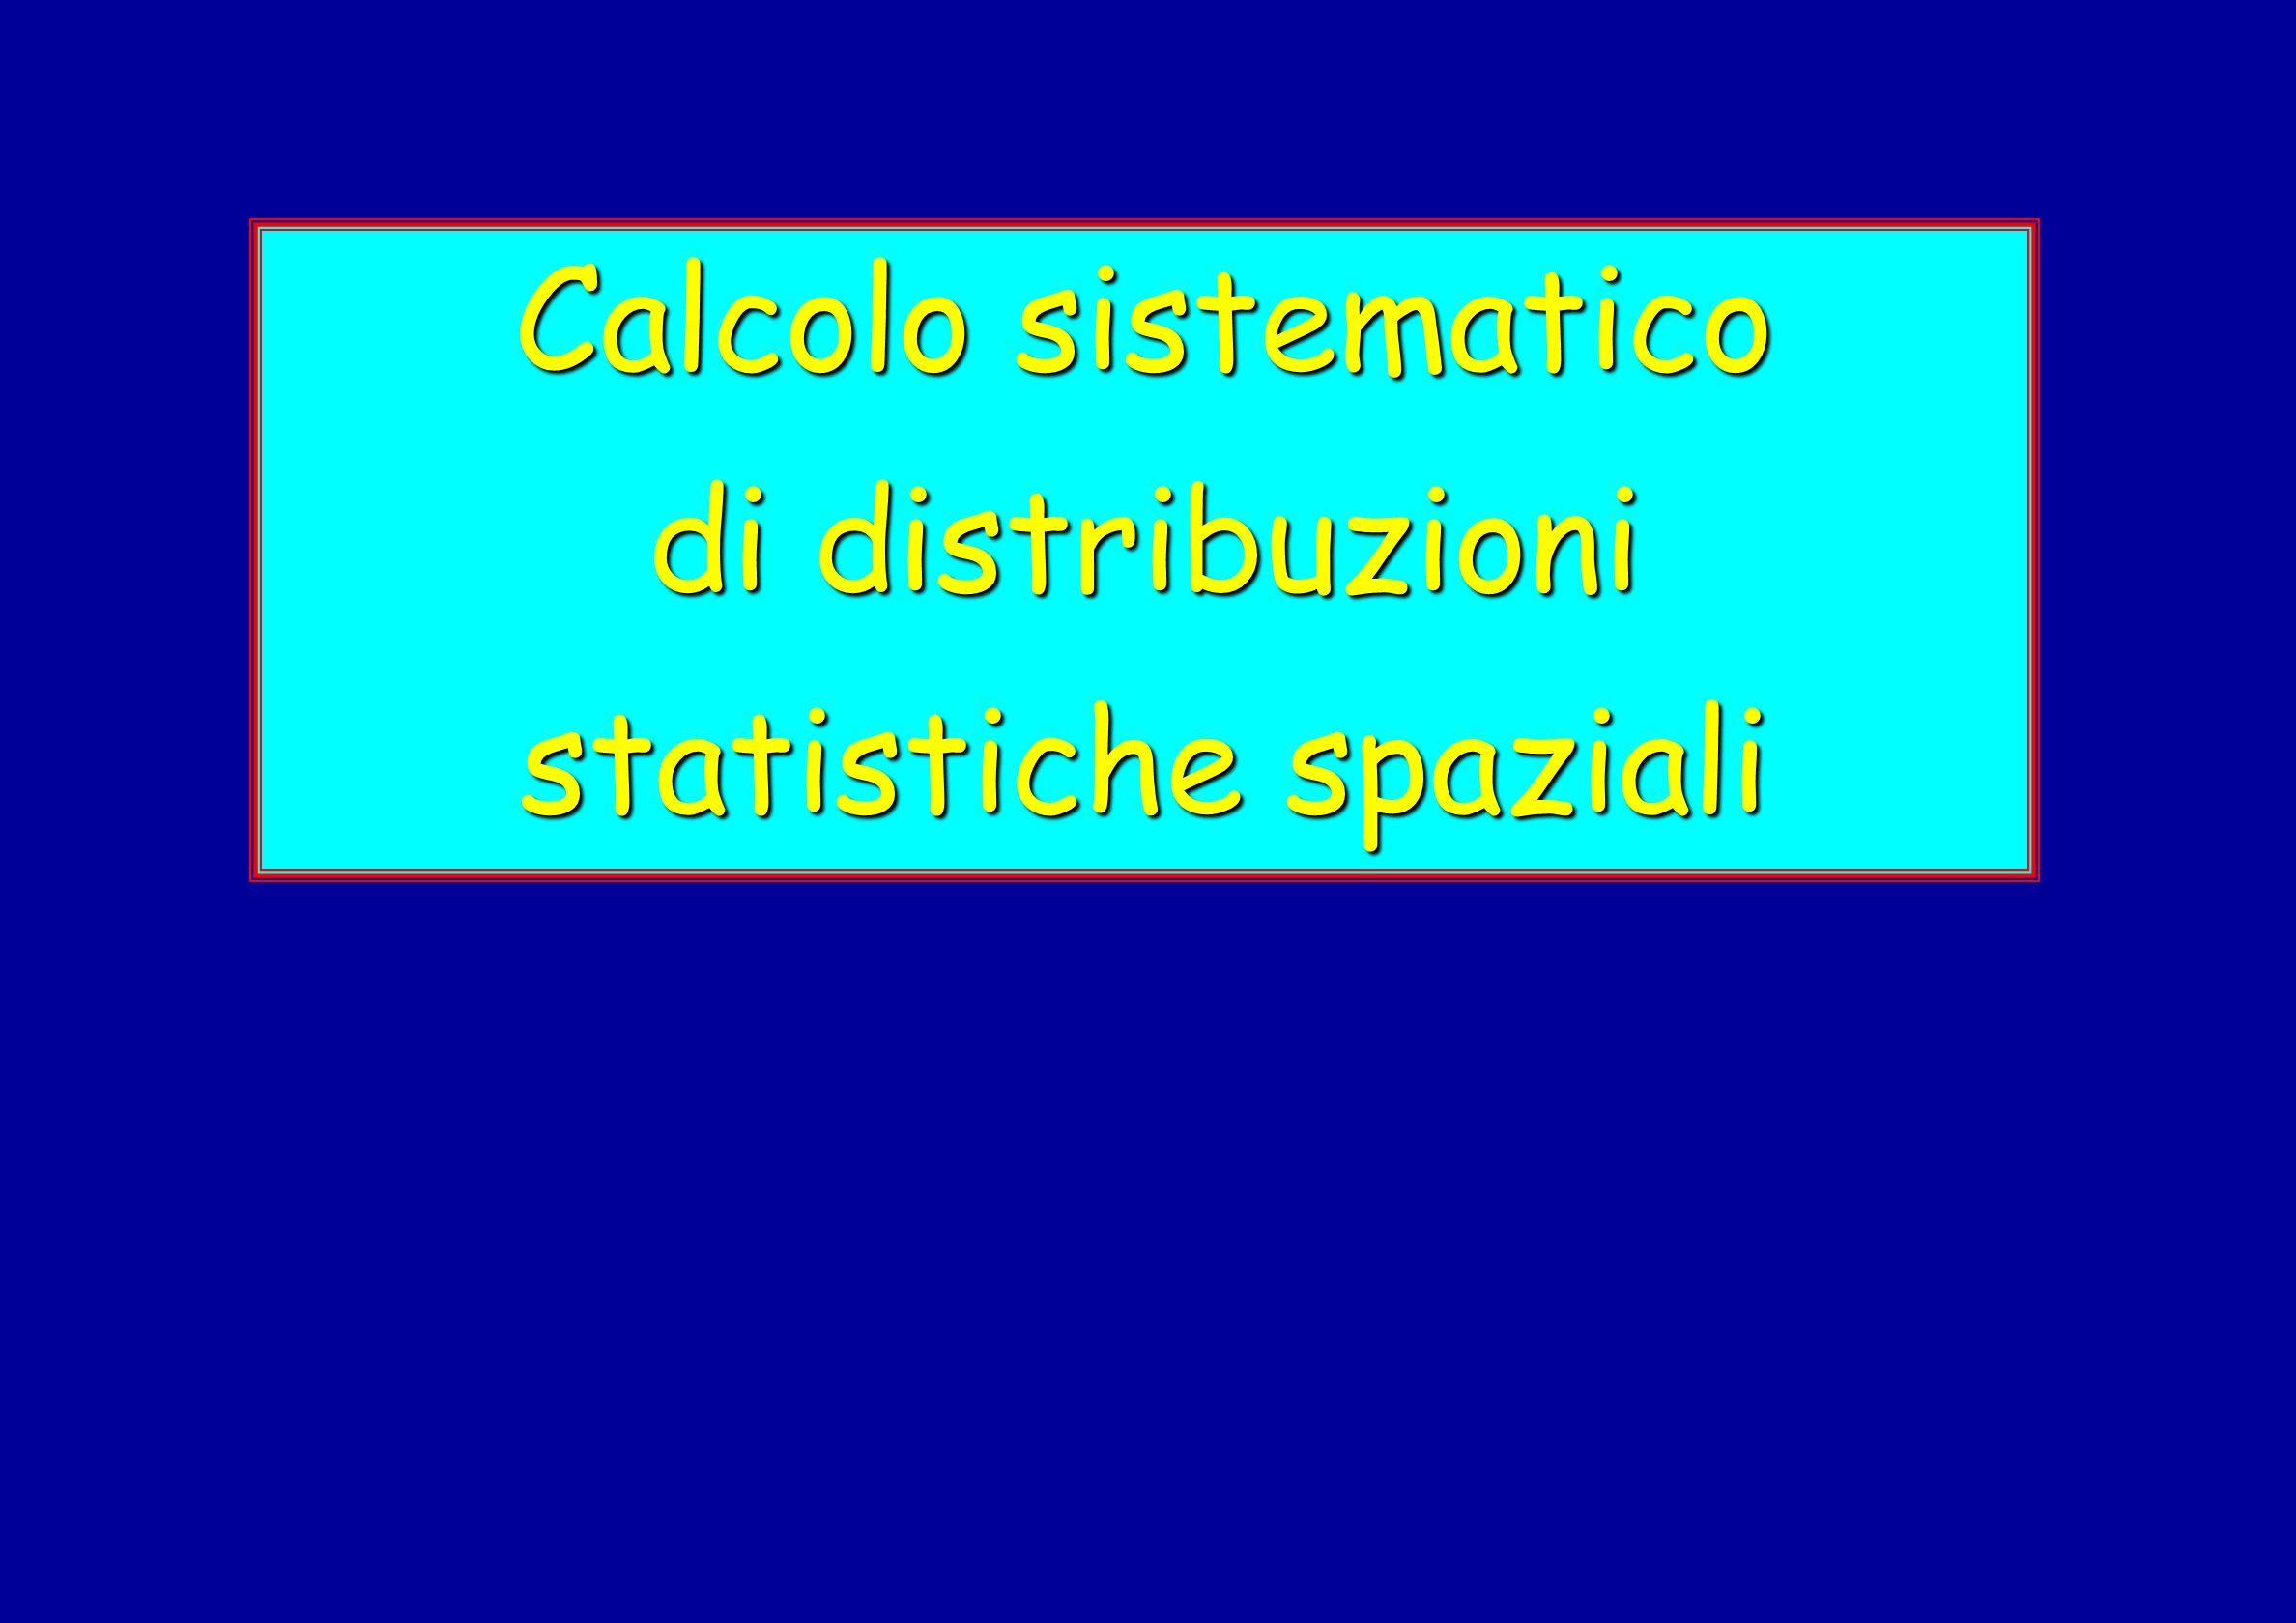 Calcolo sistematico di distribuzioni statistiche spaziali